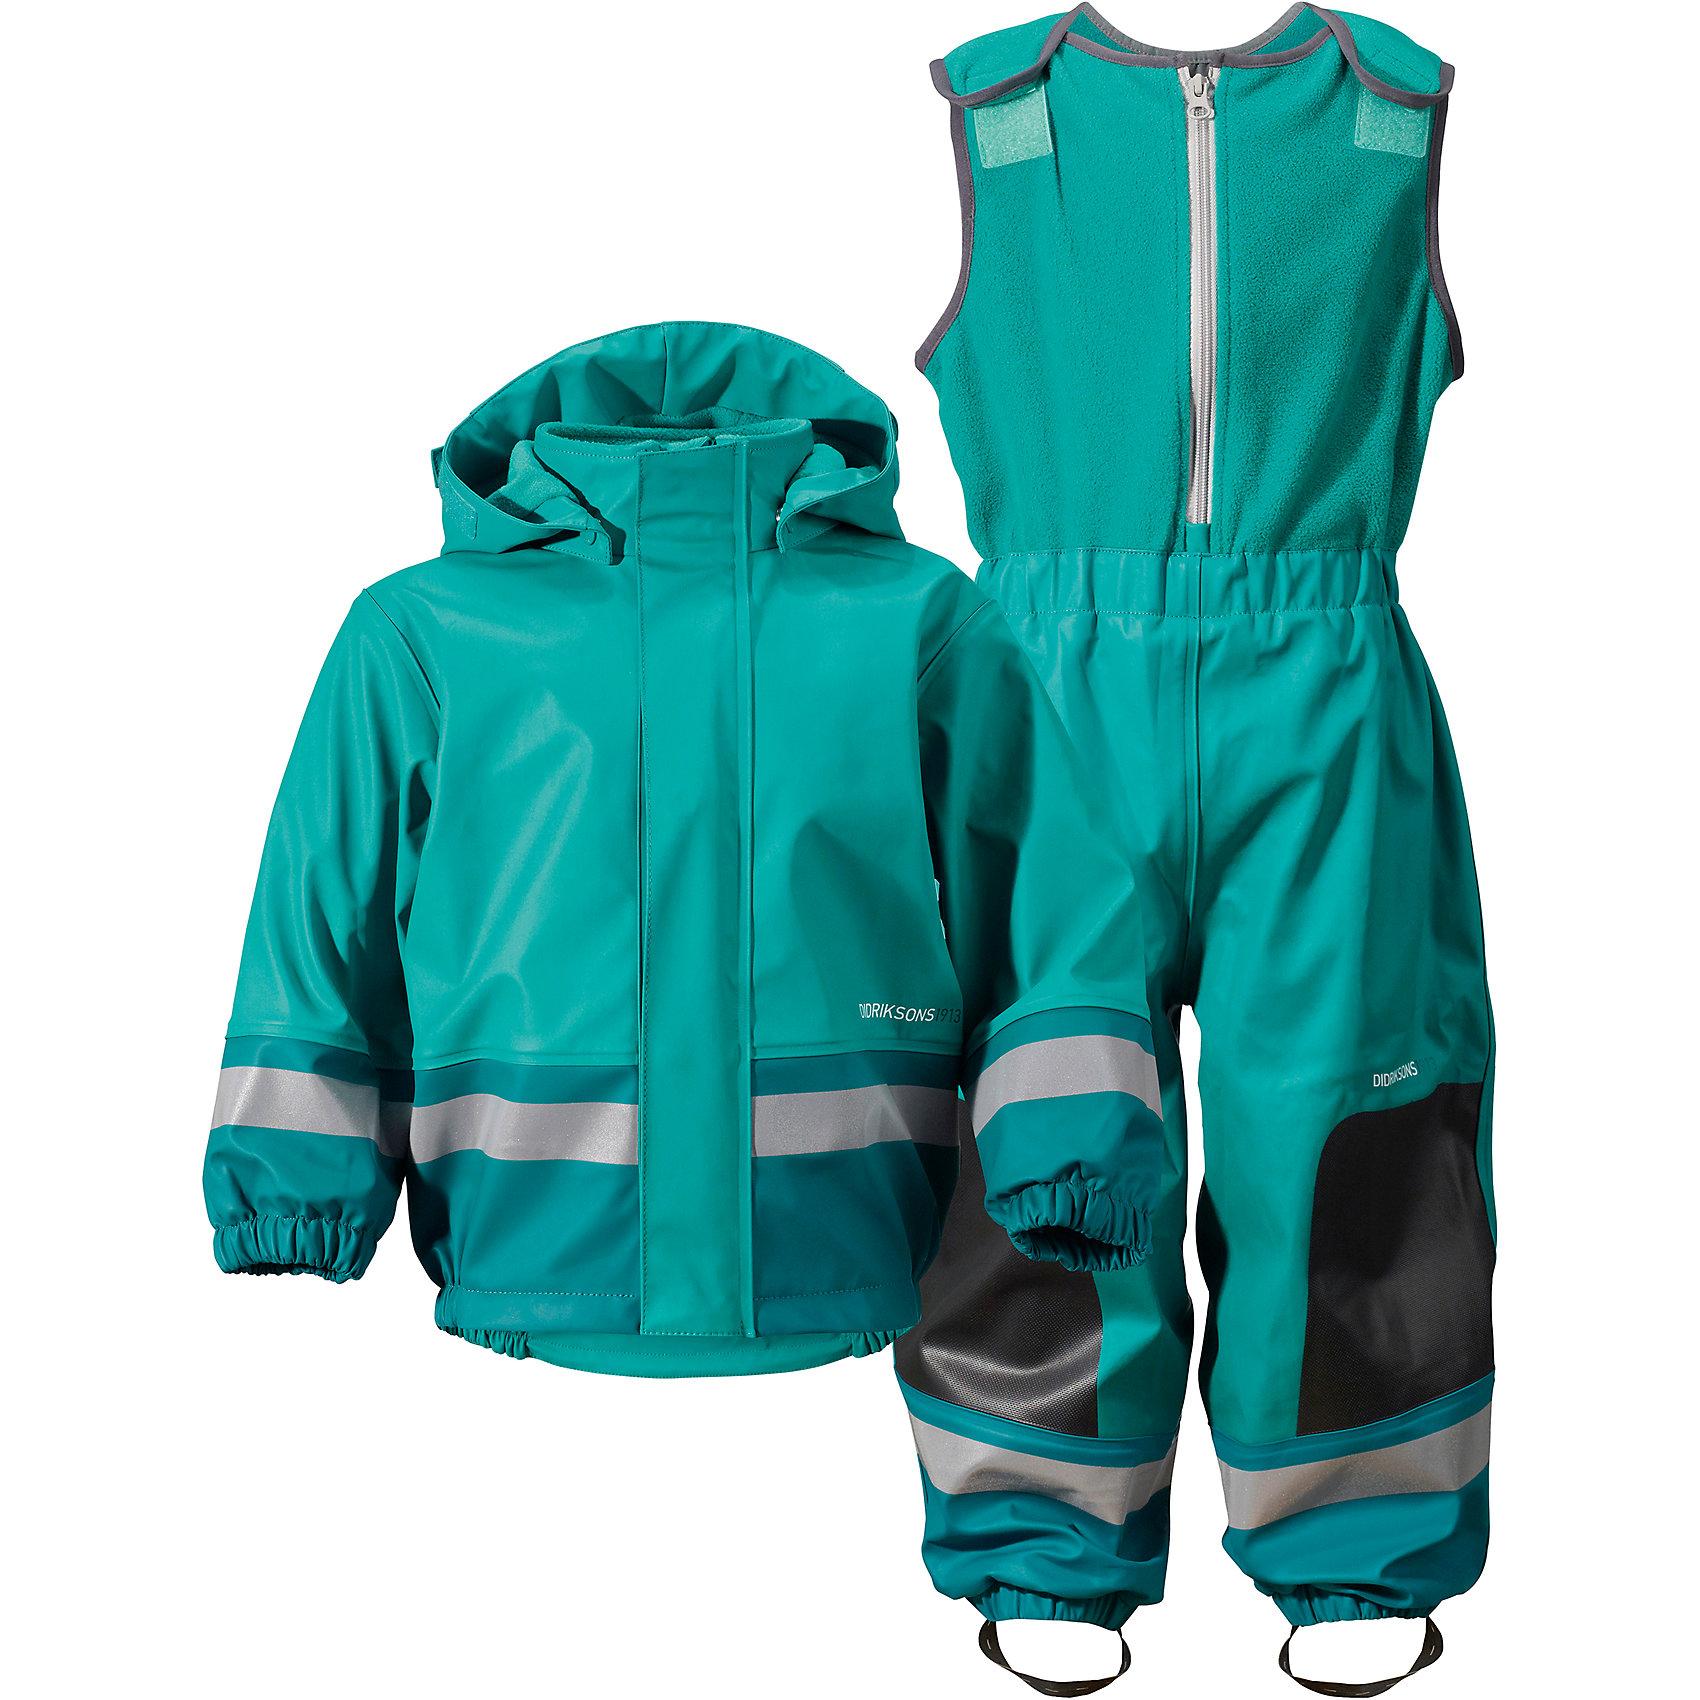 Комплект BOARDMAN  DIDRIKSONSВерхняя одежда<br>Детский костюм из абсолютно водронепроницаемого мягкого полиуретана Galon на подкладке из флиса. Все швы проклеены, что обеспечивает максимальную защиту от внешней влаги. Регулируемый съемный капюшон и пояс брюк. Резинки для ботинок. Фронтальная молния под планкой. Зона коленей усилена дополнительным слоем ткани. Светоотражатели. Ткань - износоустойчивая, за ней легко ухаживать - грязь легко удаляется с помощью влажной губки или ткани. Костюм незаменим в ненастную прохладную погоду, рассчитан на температуру от 0 до +7. Ребёнок будет счастлив обмерить все лужи, залезть на все сугробы и прокатиться на грязных горках и останется сухим, а мама довольной.<br>Состав:<br>Верх - 100% полиуретан, подкладка - 100% полиэстер<br><br>Ширина мм: 356<br>Глубина мм: 10<br>Высота мм: 245<br>Вес г: 519<br>Цвет: зеленый<br>Возраст от месяцев: 12<br>Возраст до месяцев: 15<br>Пол: Унисекс<br>Возраст: Детский<br>Размер: 80,70<br>SKU: 5527185